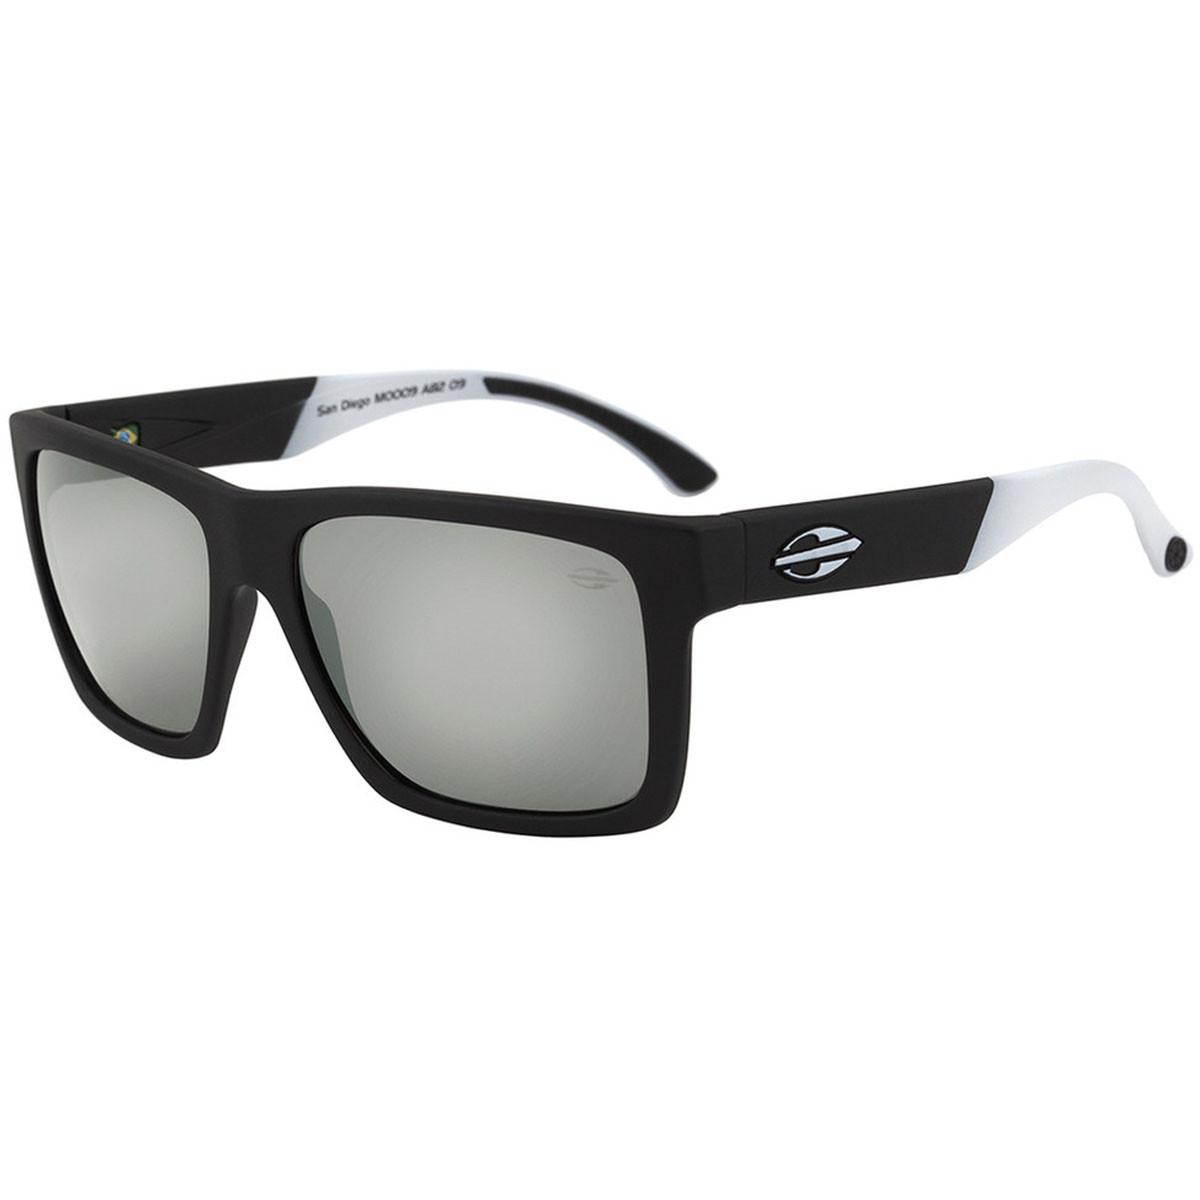 d16600575478f Óculos Mormaii San Diego Preto Fosco Com Branco Lente Cinza ref ...